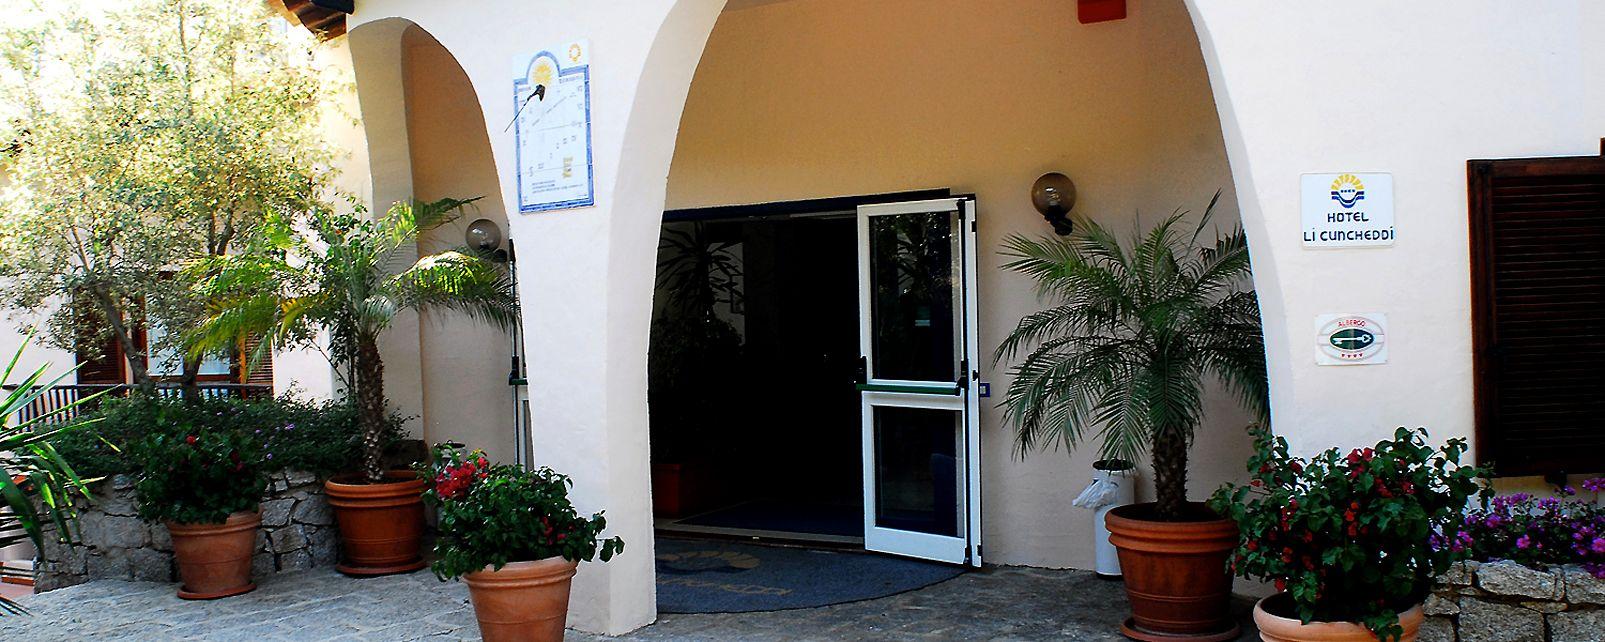 Hotel Li Cuncheddi